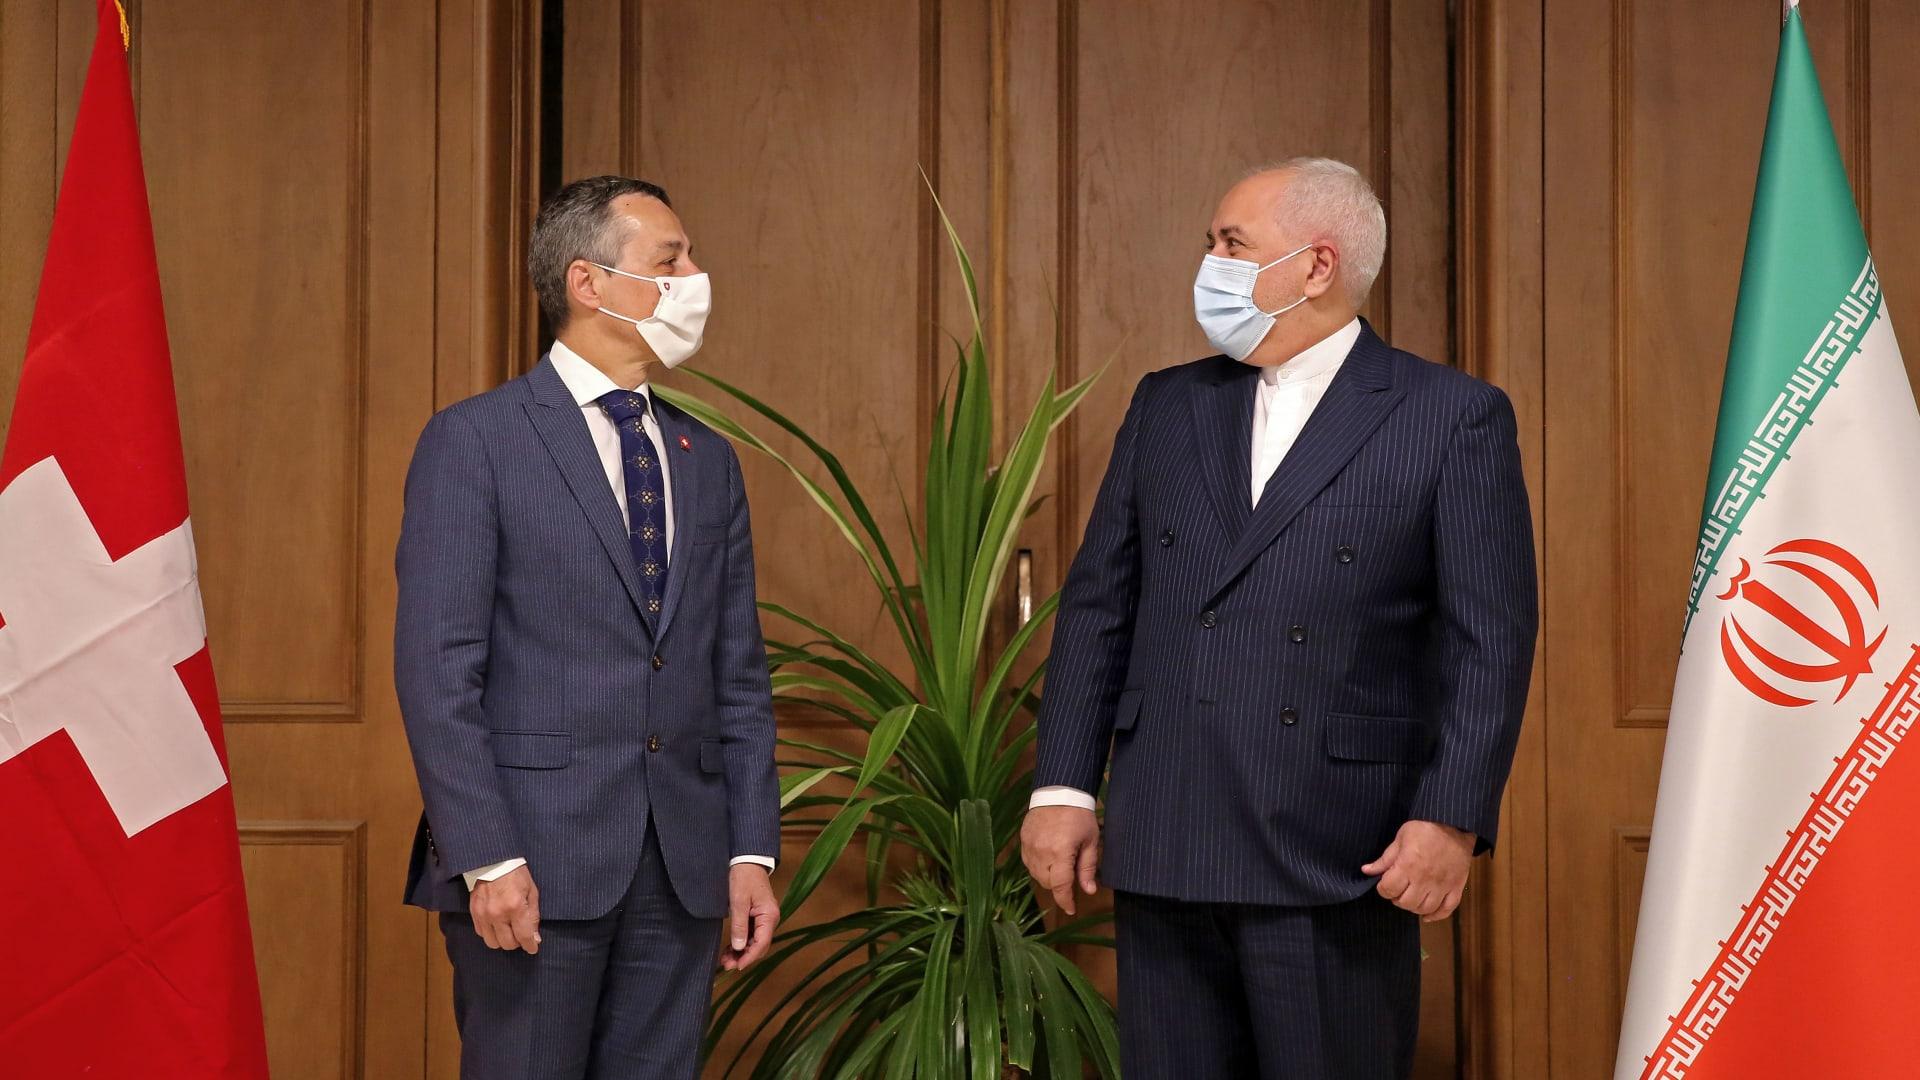 رسائل مزيفة وطرق تزوير.. إيران وروسيا تحاولان التدخل في الانتخابات الأمريكية